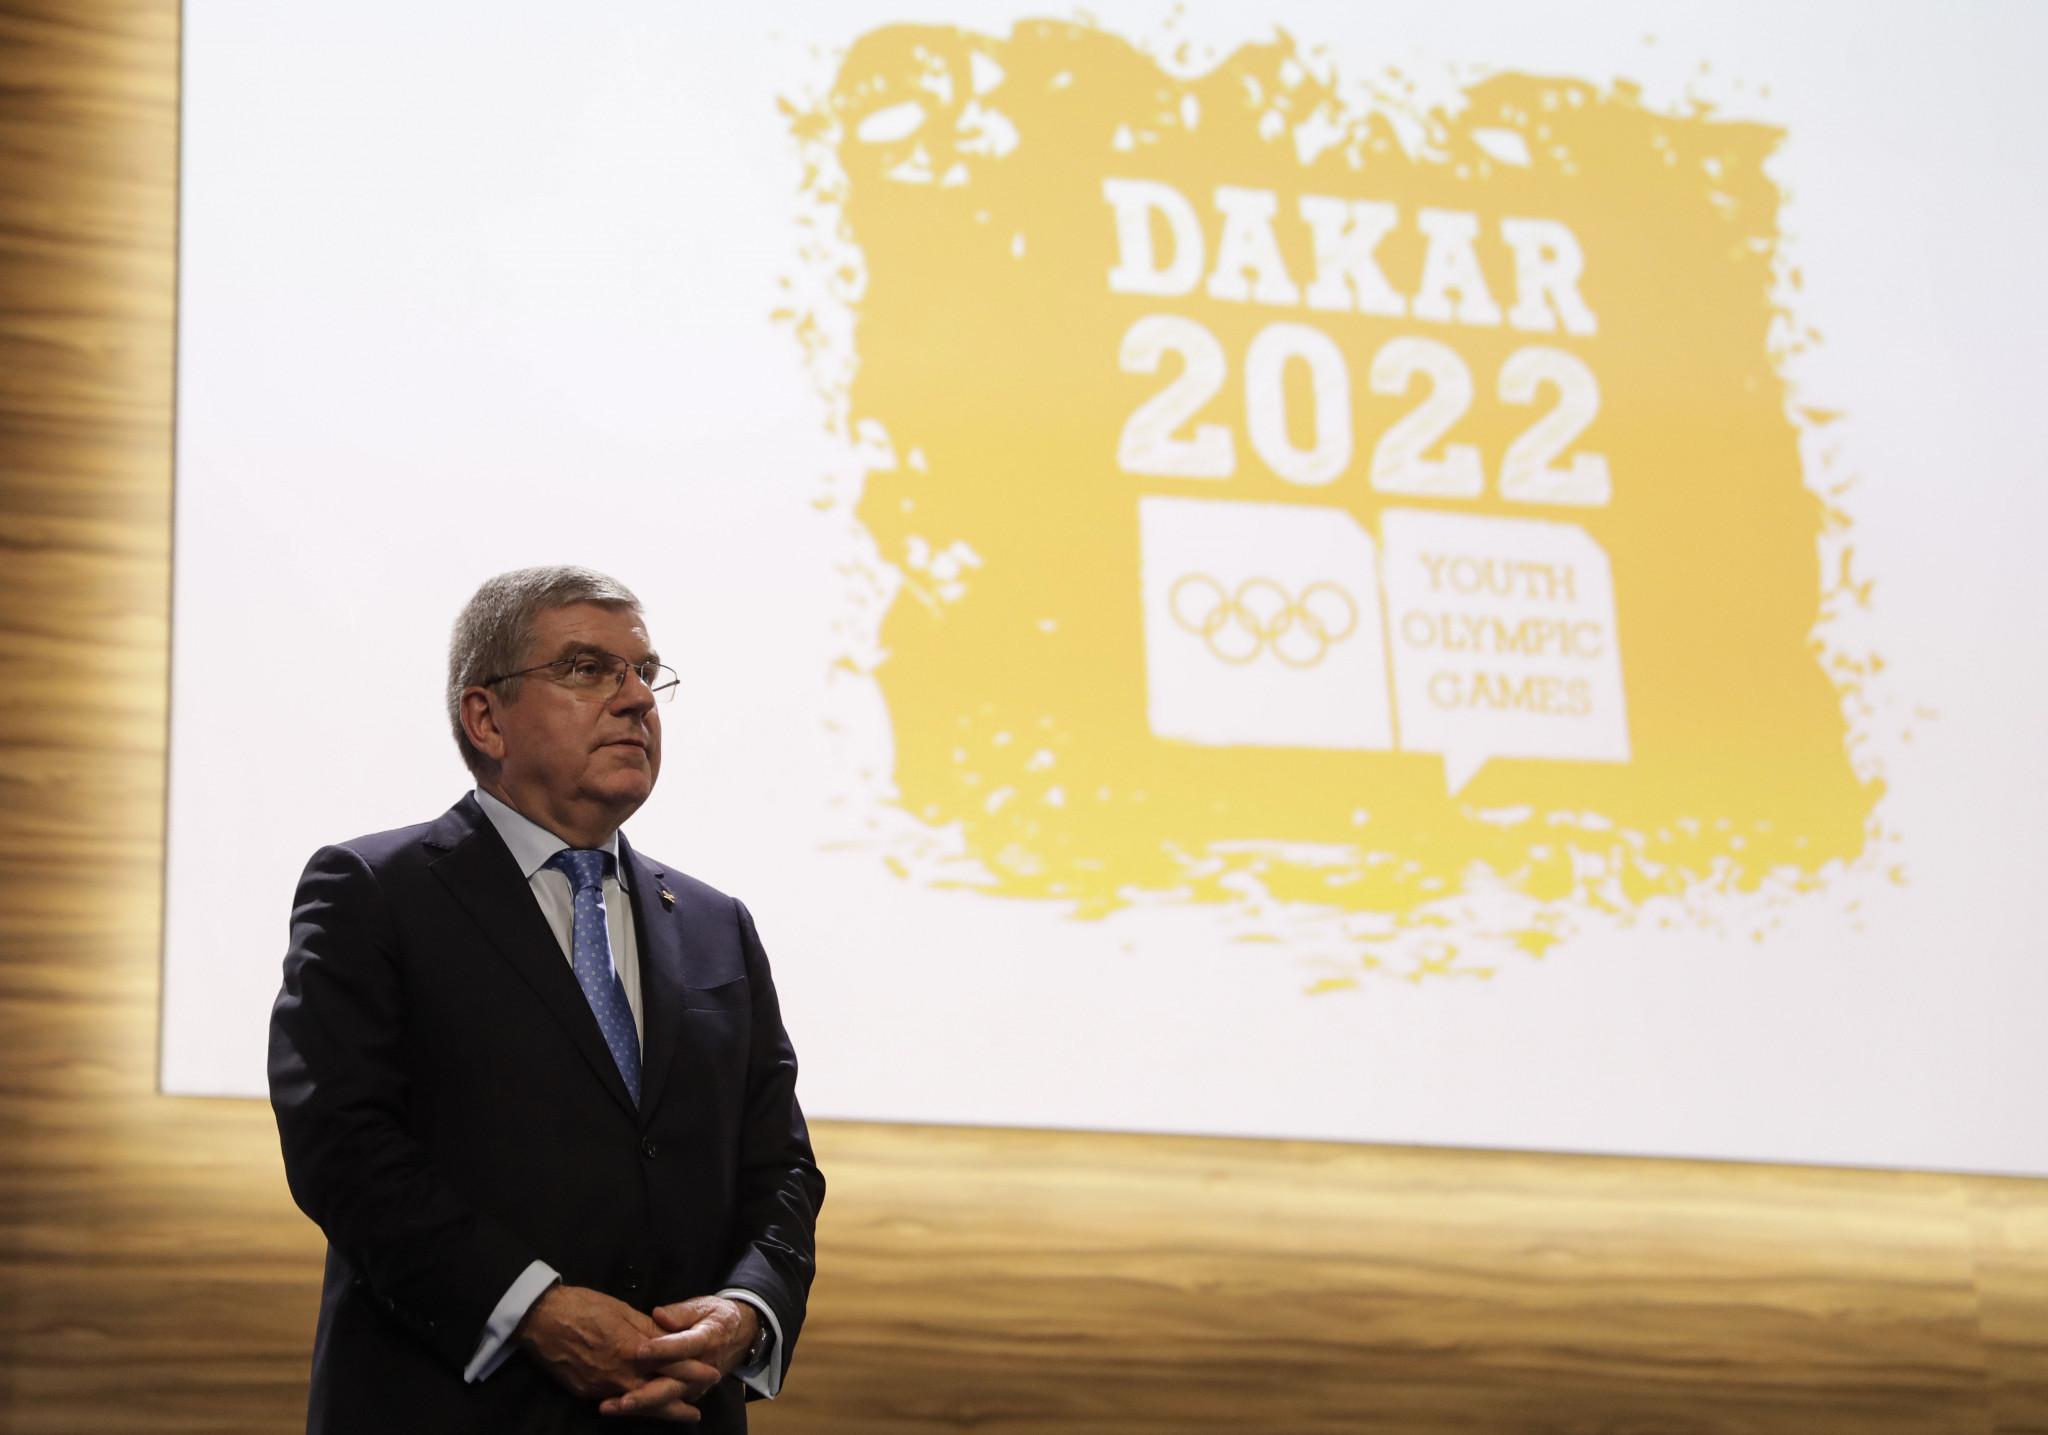 Infront sera chargé d'assurer une couverture complète des Jeux Olympiques de la Jeunesse Dakar 2022 © Getty Images